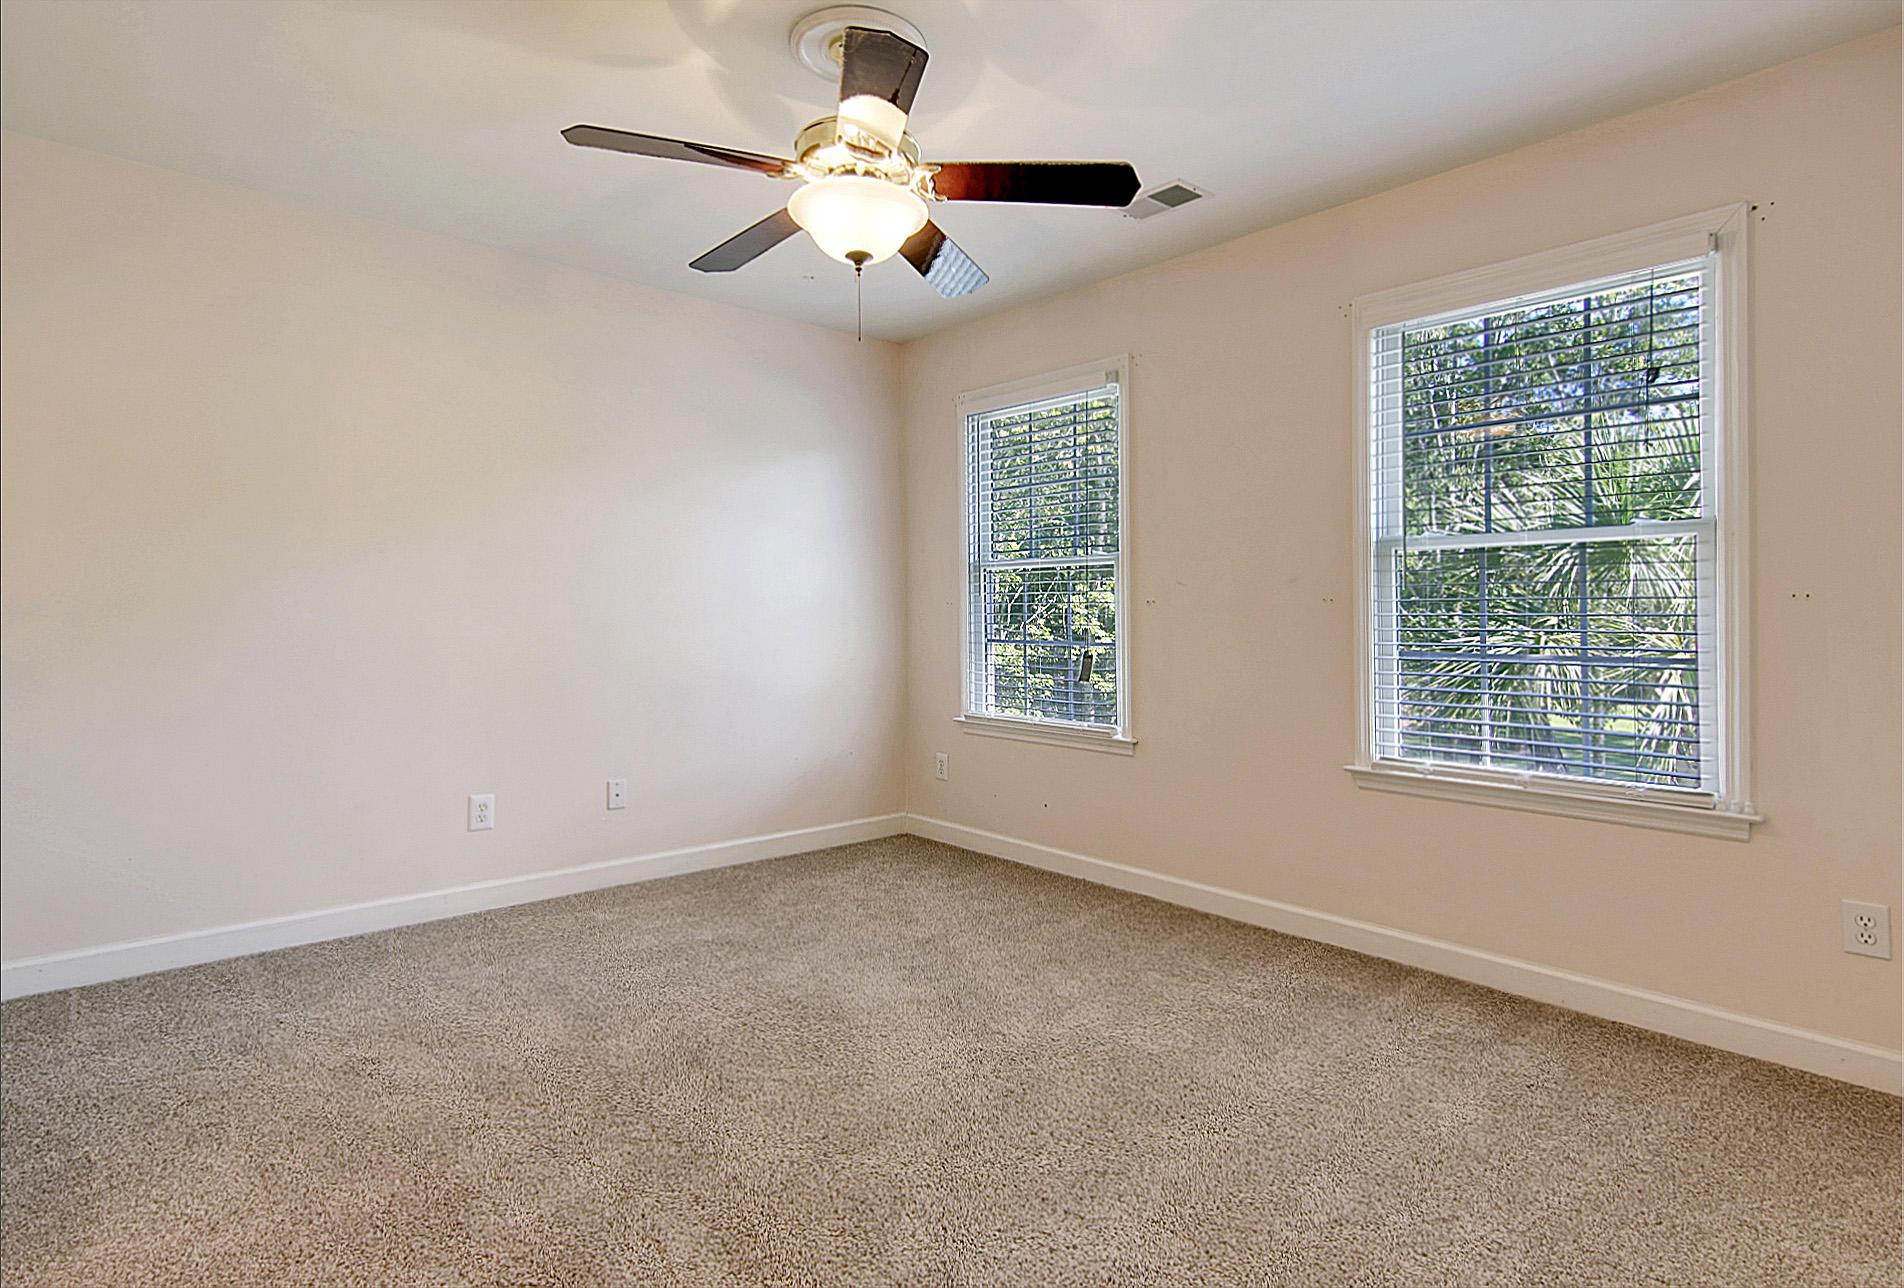 Dunes West Homes For Sale - 2236 Black Oak, Mount Pleasant, SC - 32